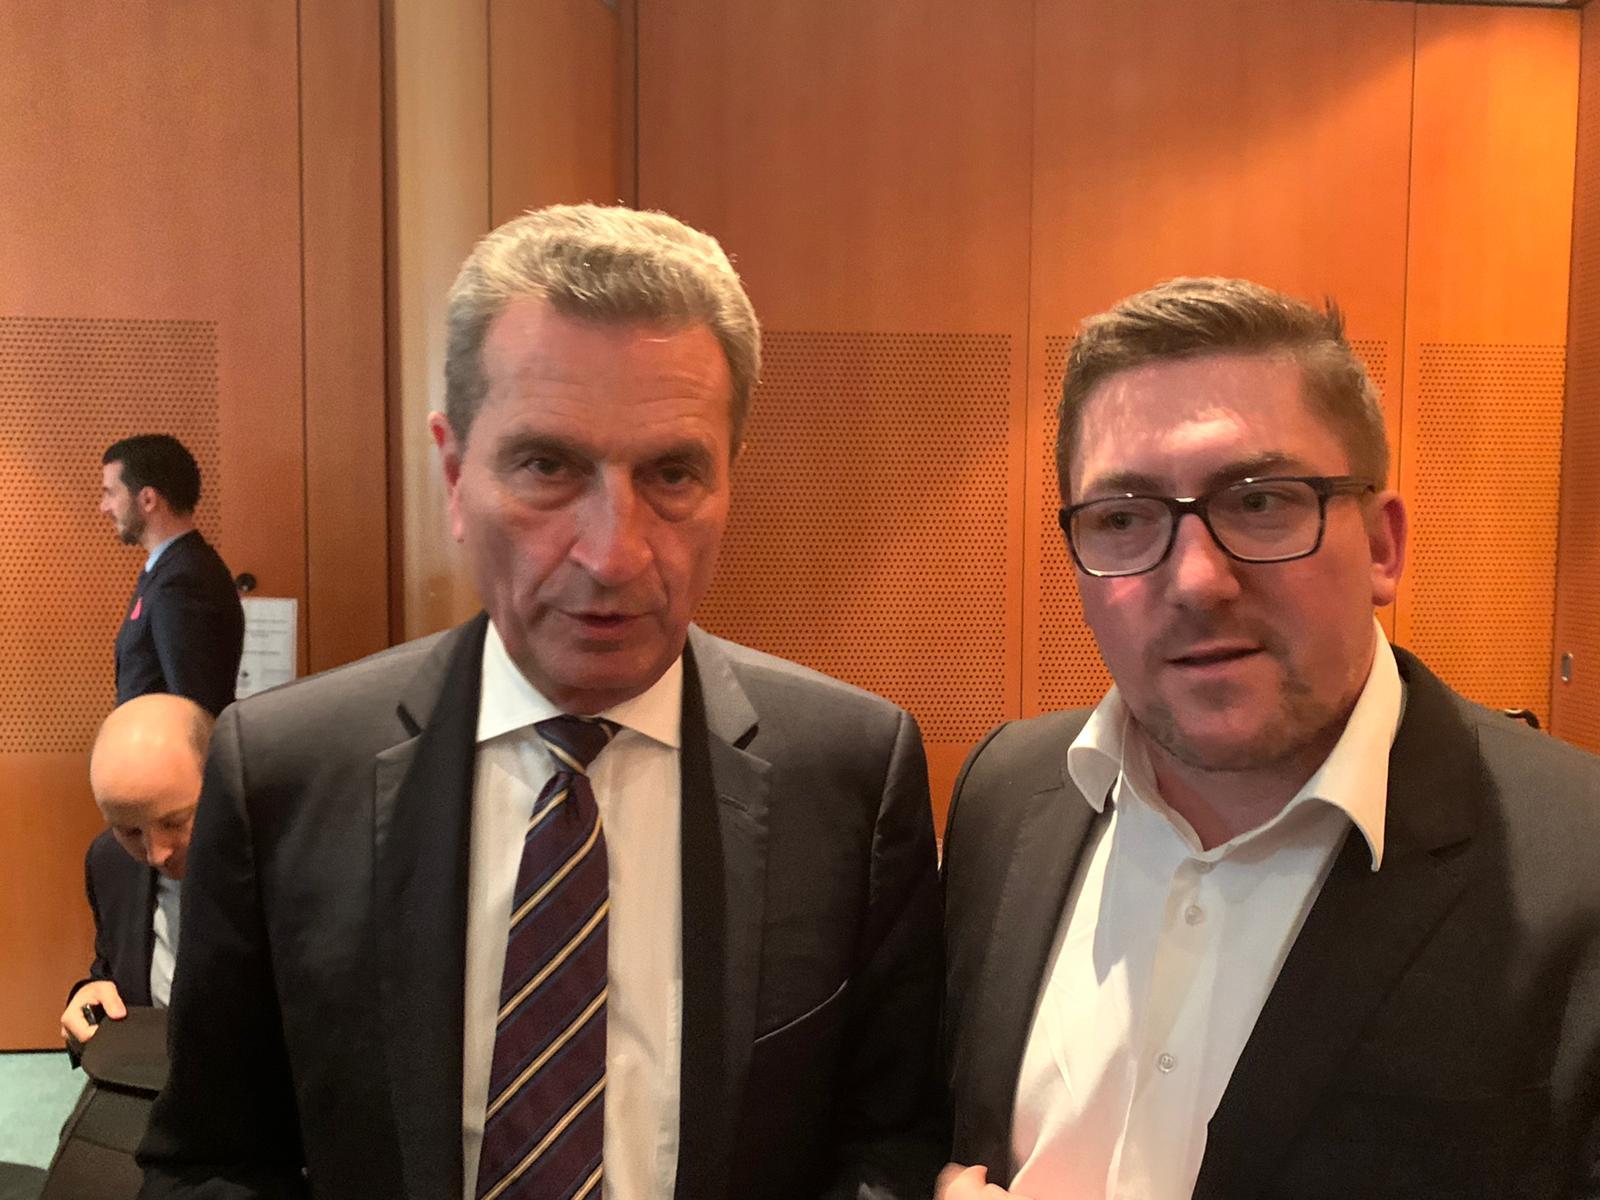 BRSI Asienexperte Till Suplika mit dem EU-Kommissar für Energie Guenther Oettinger